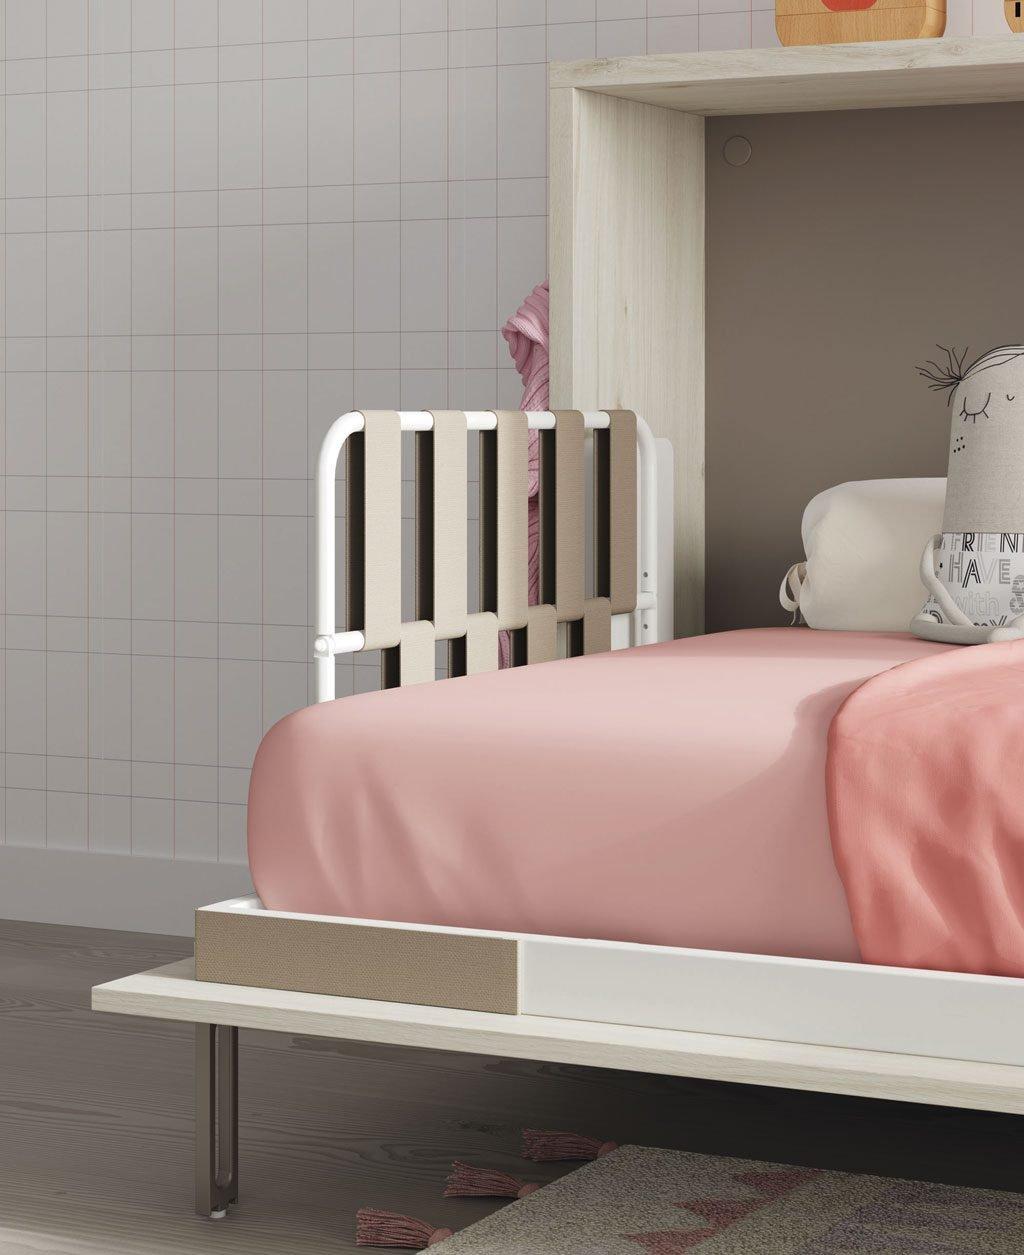 Detalle del cabecero con cinchas elásticas de la cama abatible